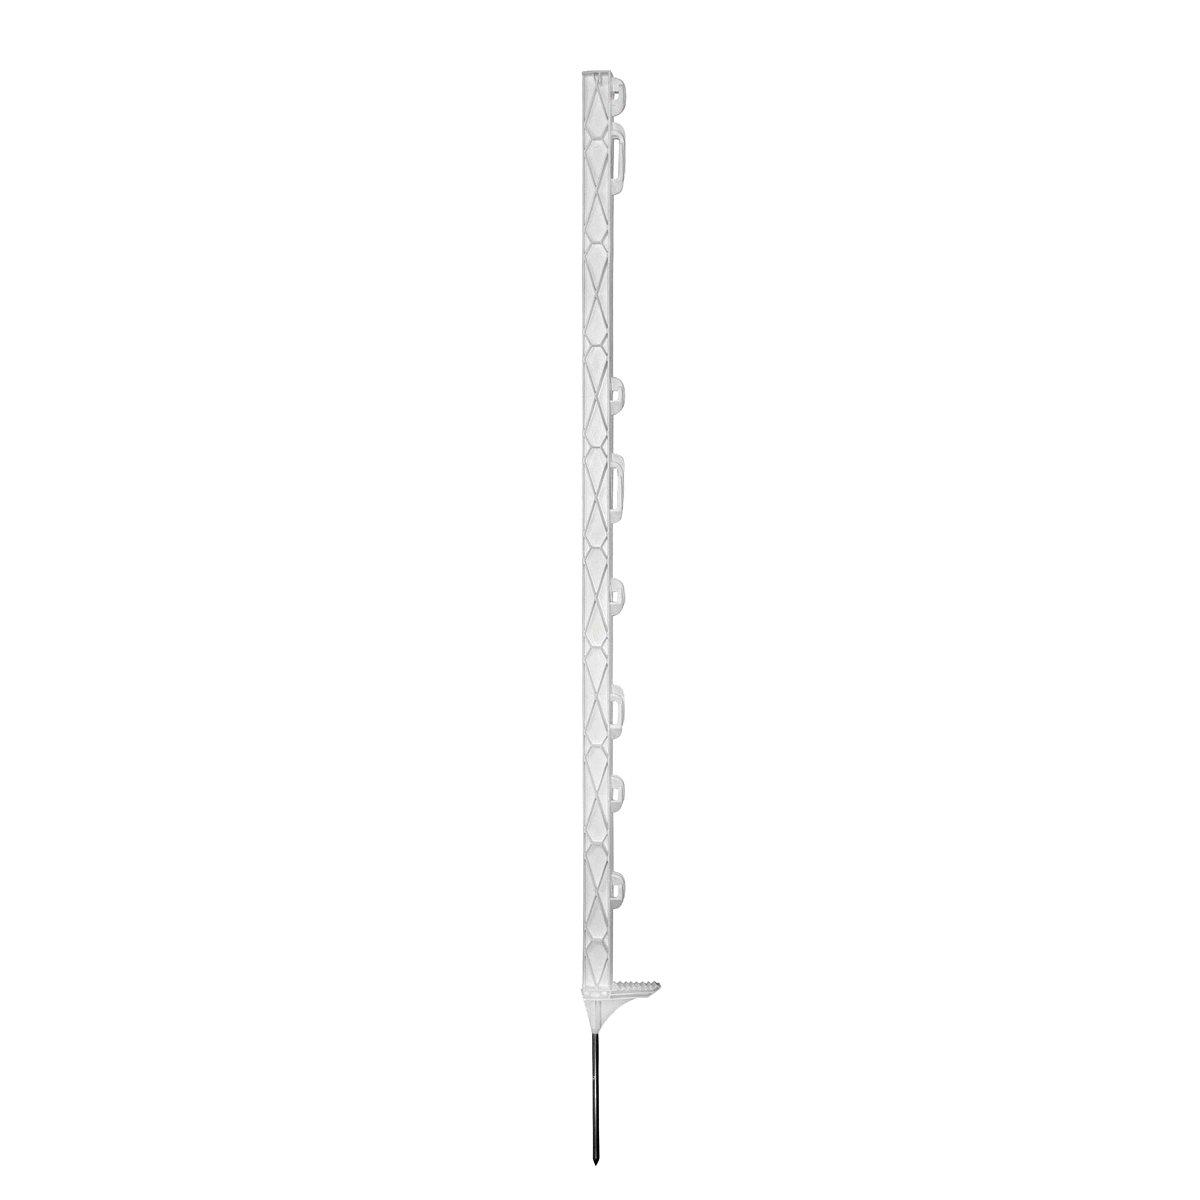 Abbildung von Ako Titan Plus Kunstst.pfahl m. Trittverstärkung Weiß 157cm